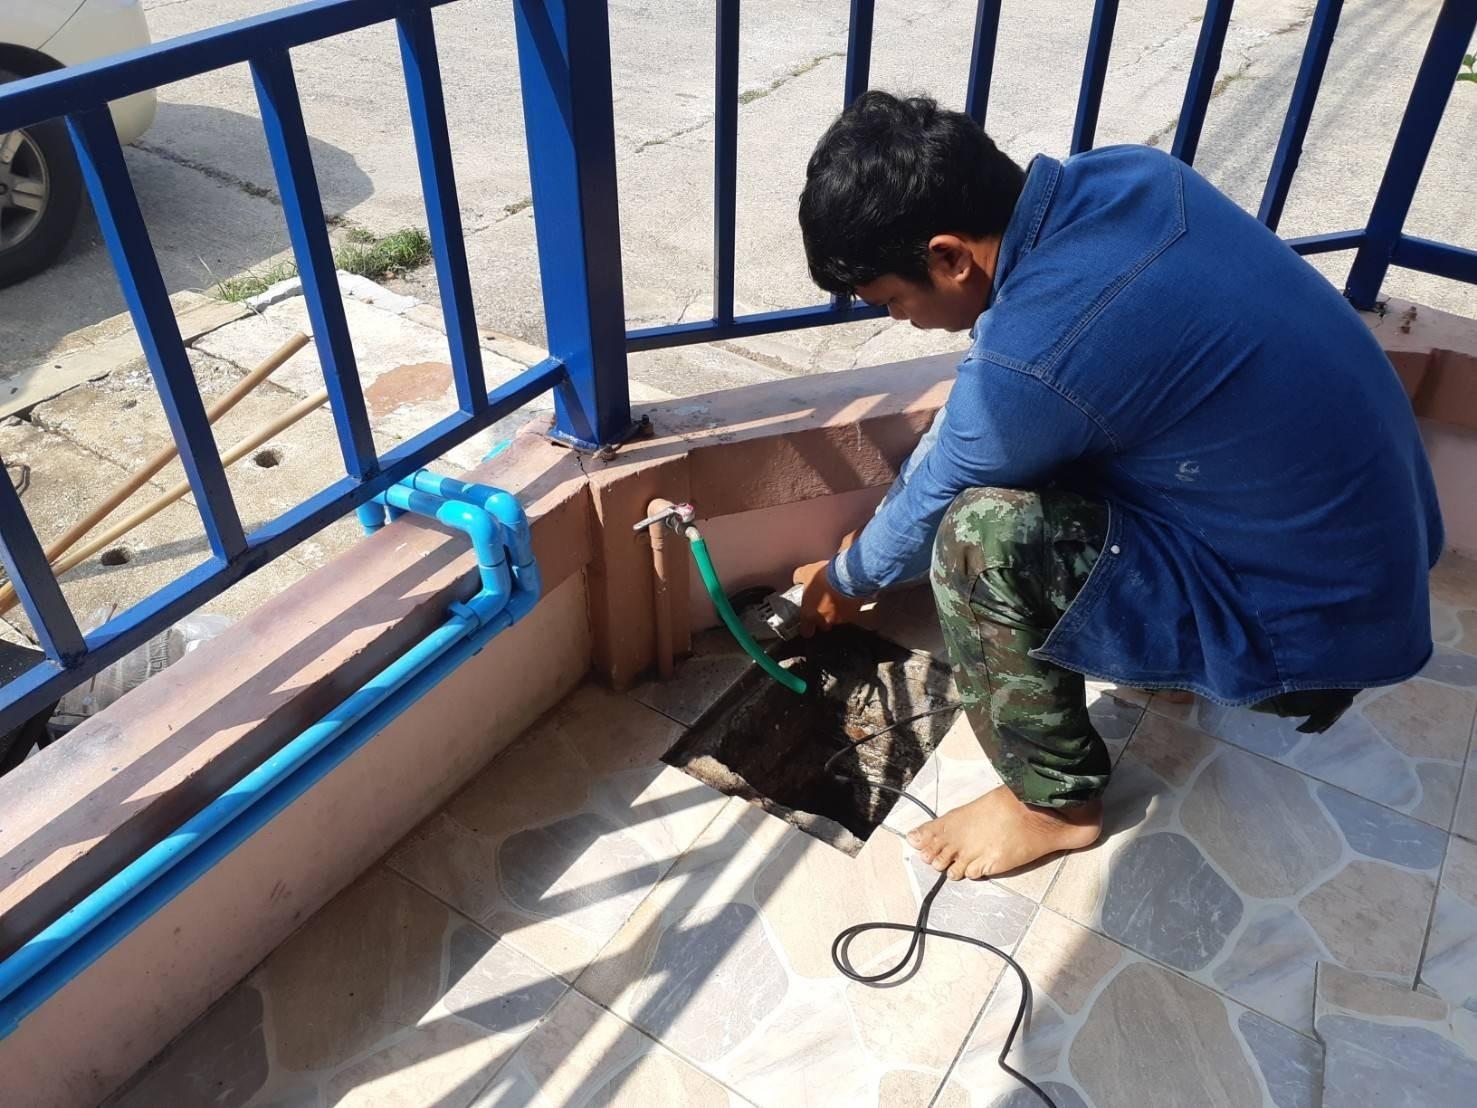 ช่างซ่อม ประปา ไฟฟ้า ปั้มน้ำ รามคำแหง ด่วน 0882750965 id line: @ckj5753k